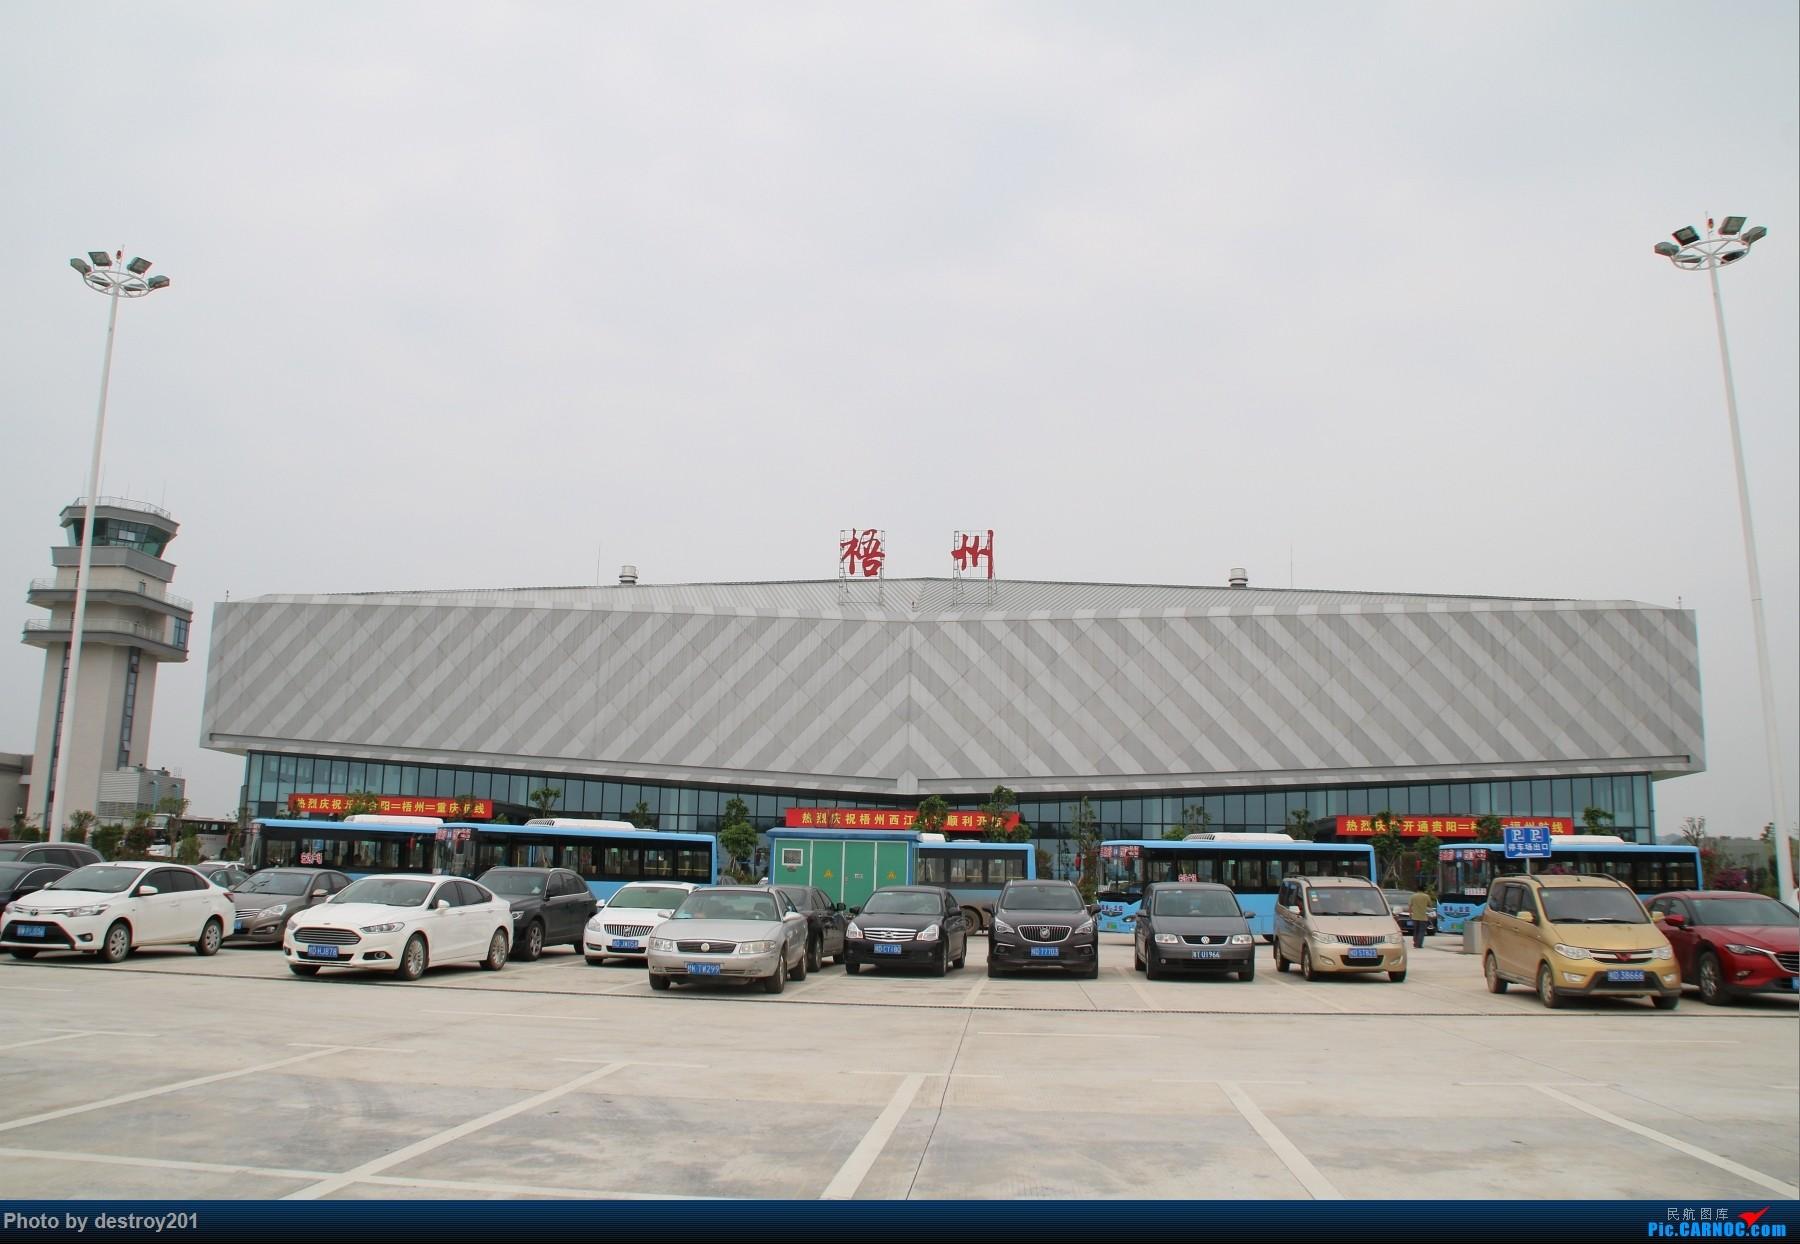 Re:[原创]【梧州飞友会】五一从梧州西江机场出发,长沙-怀化-凤凰古城游记(补充机场外景完结篇)    中国梧州西江机场